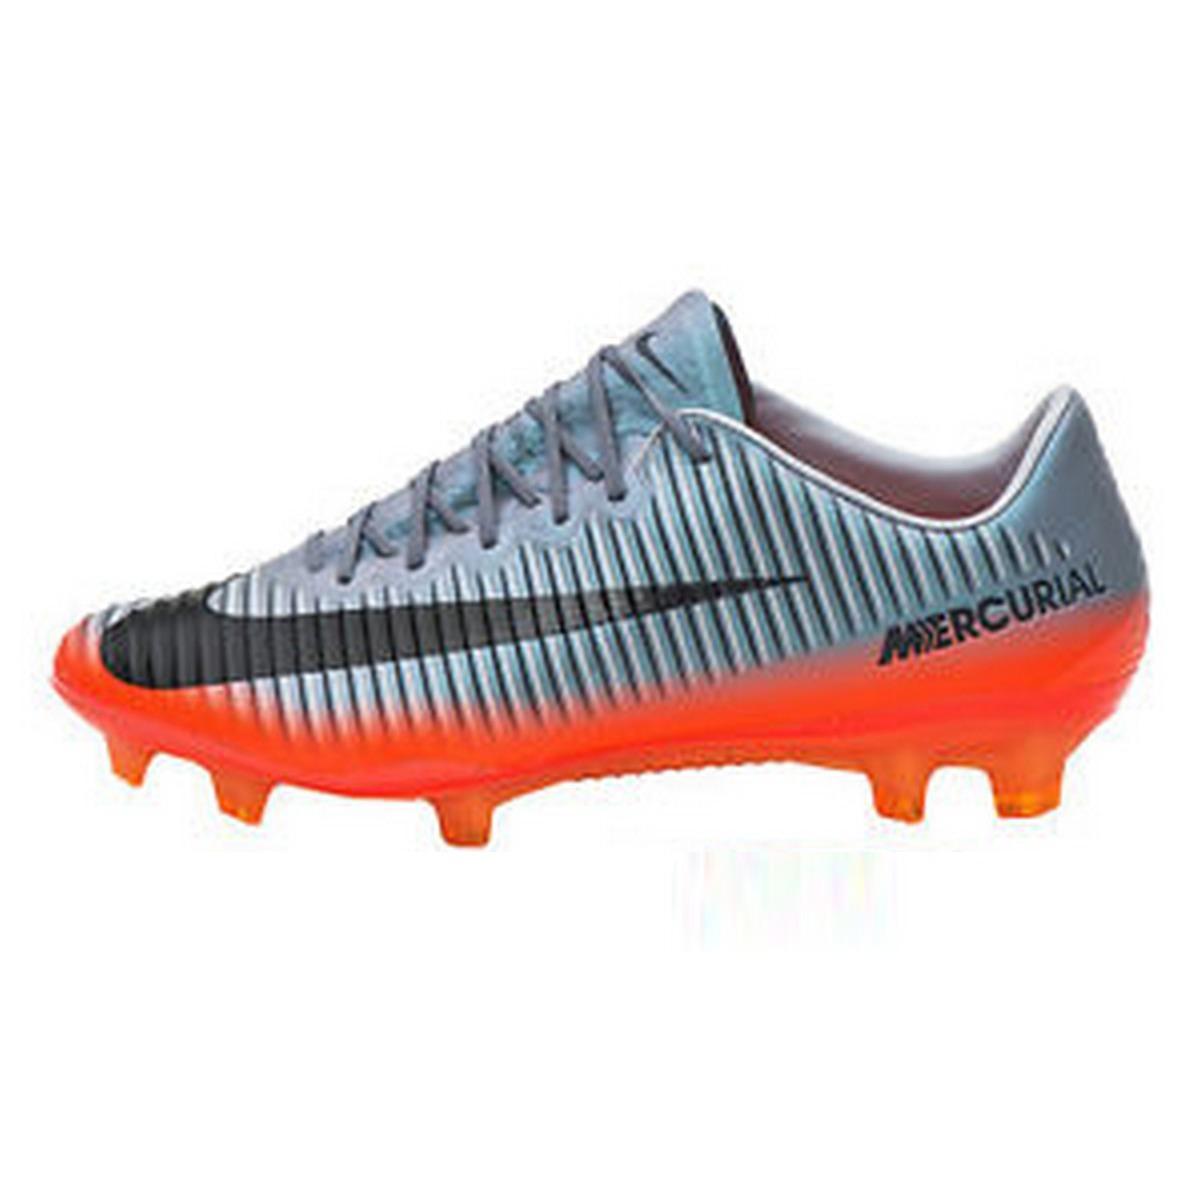 99b2d8841fe0d Zapatos fútbol nike mercurial vapor xi rincón del fútbol cargando zoom jpg  1200x1200 Zapatos de futbol